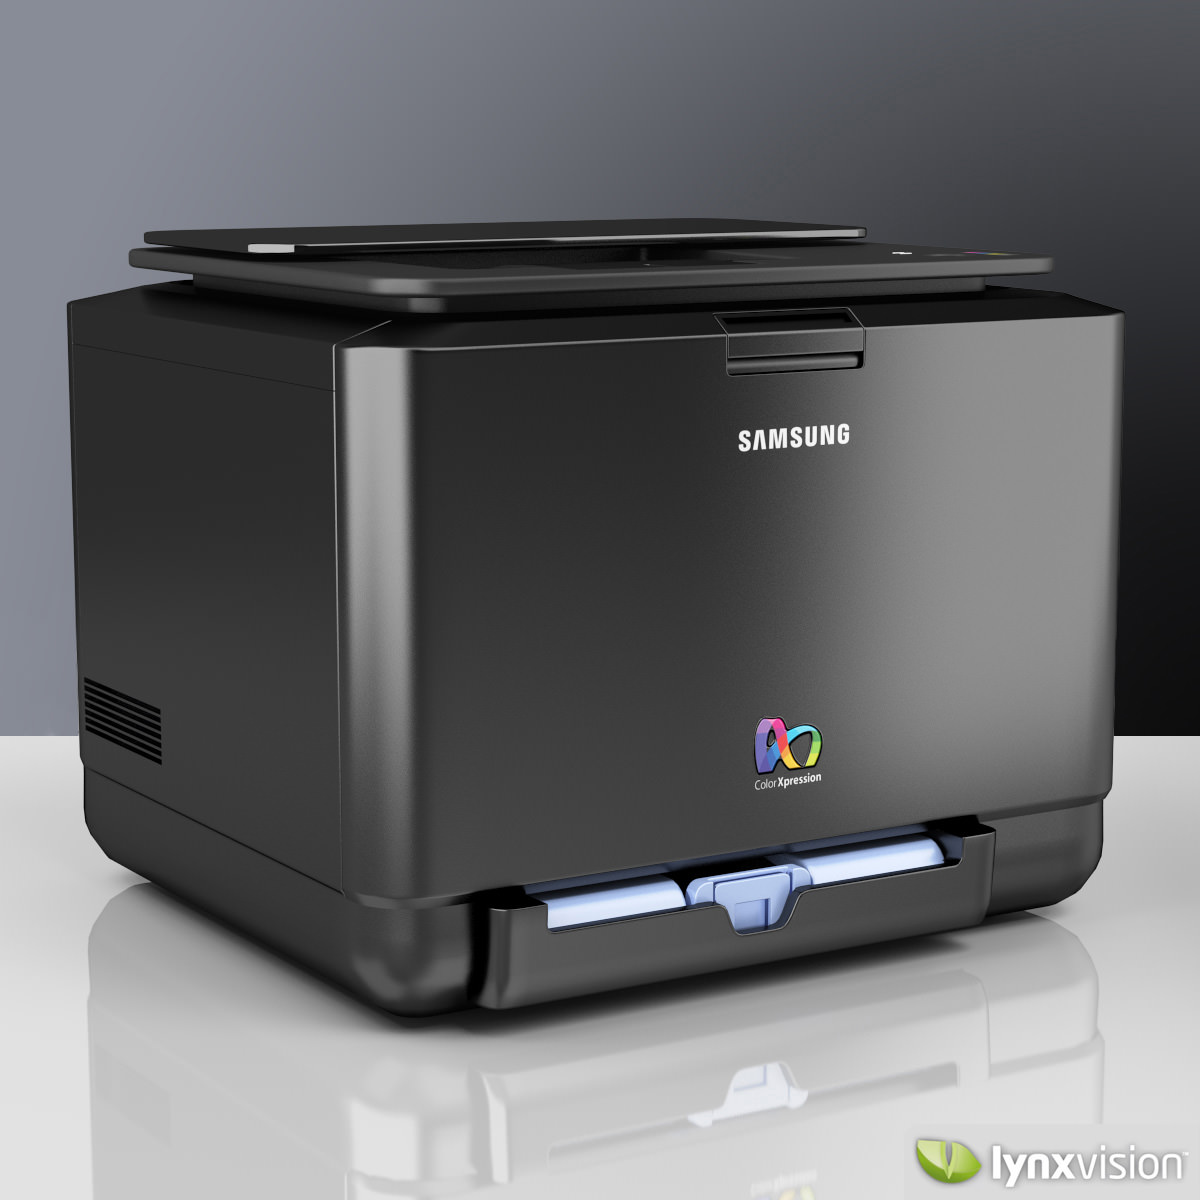 Samsung Color Laser Printer 3D Model MAX OBJ FBX